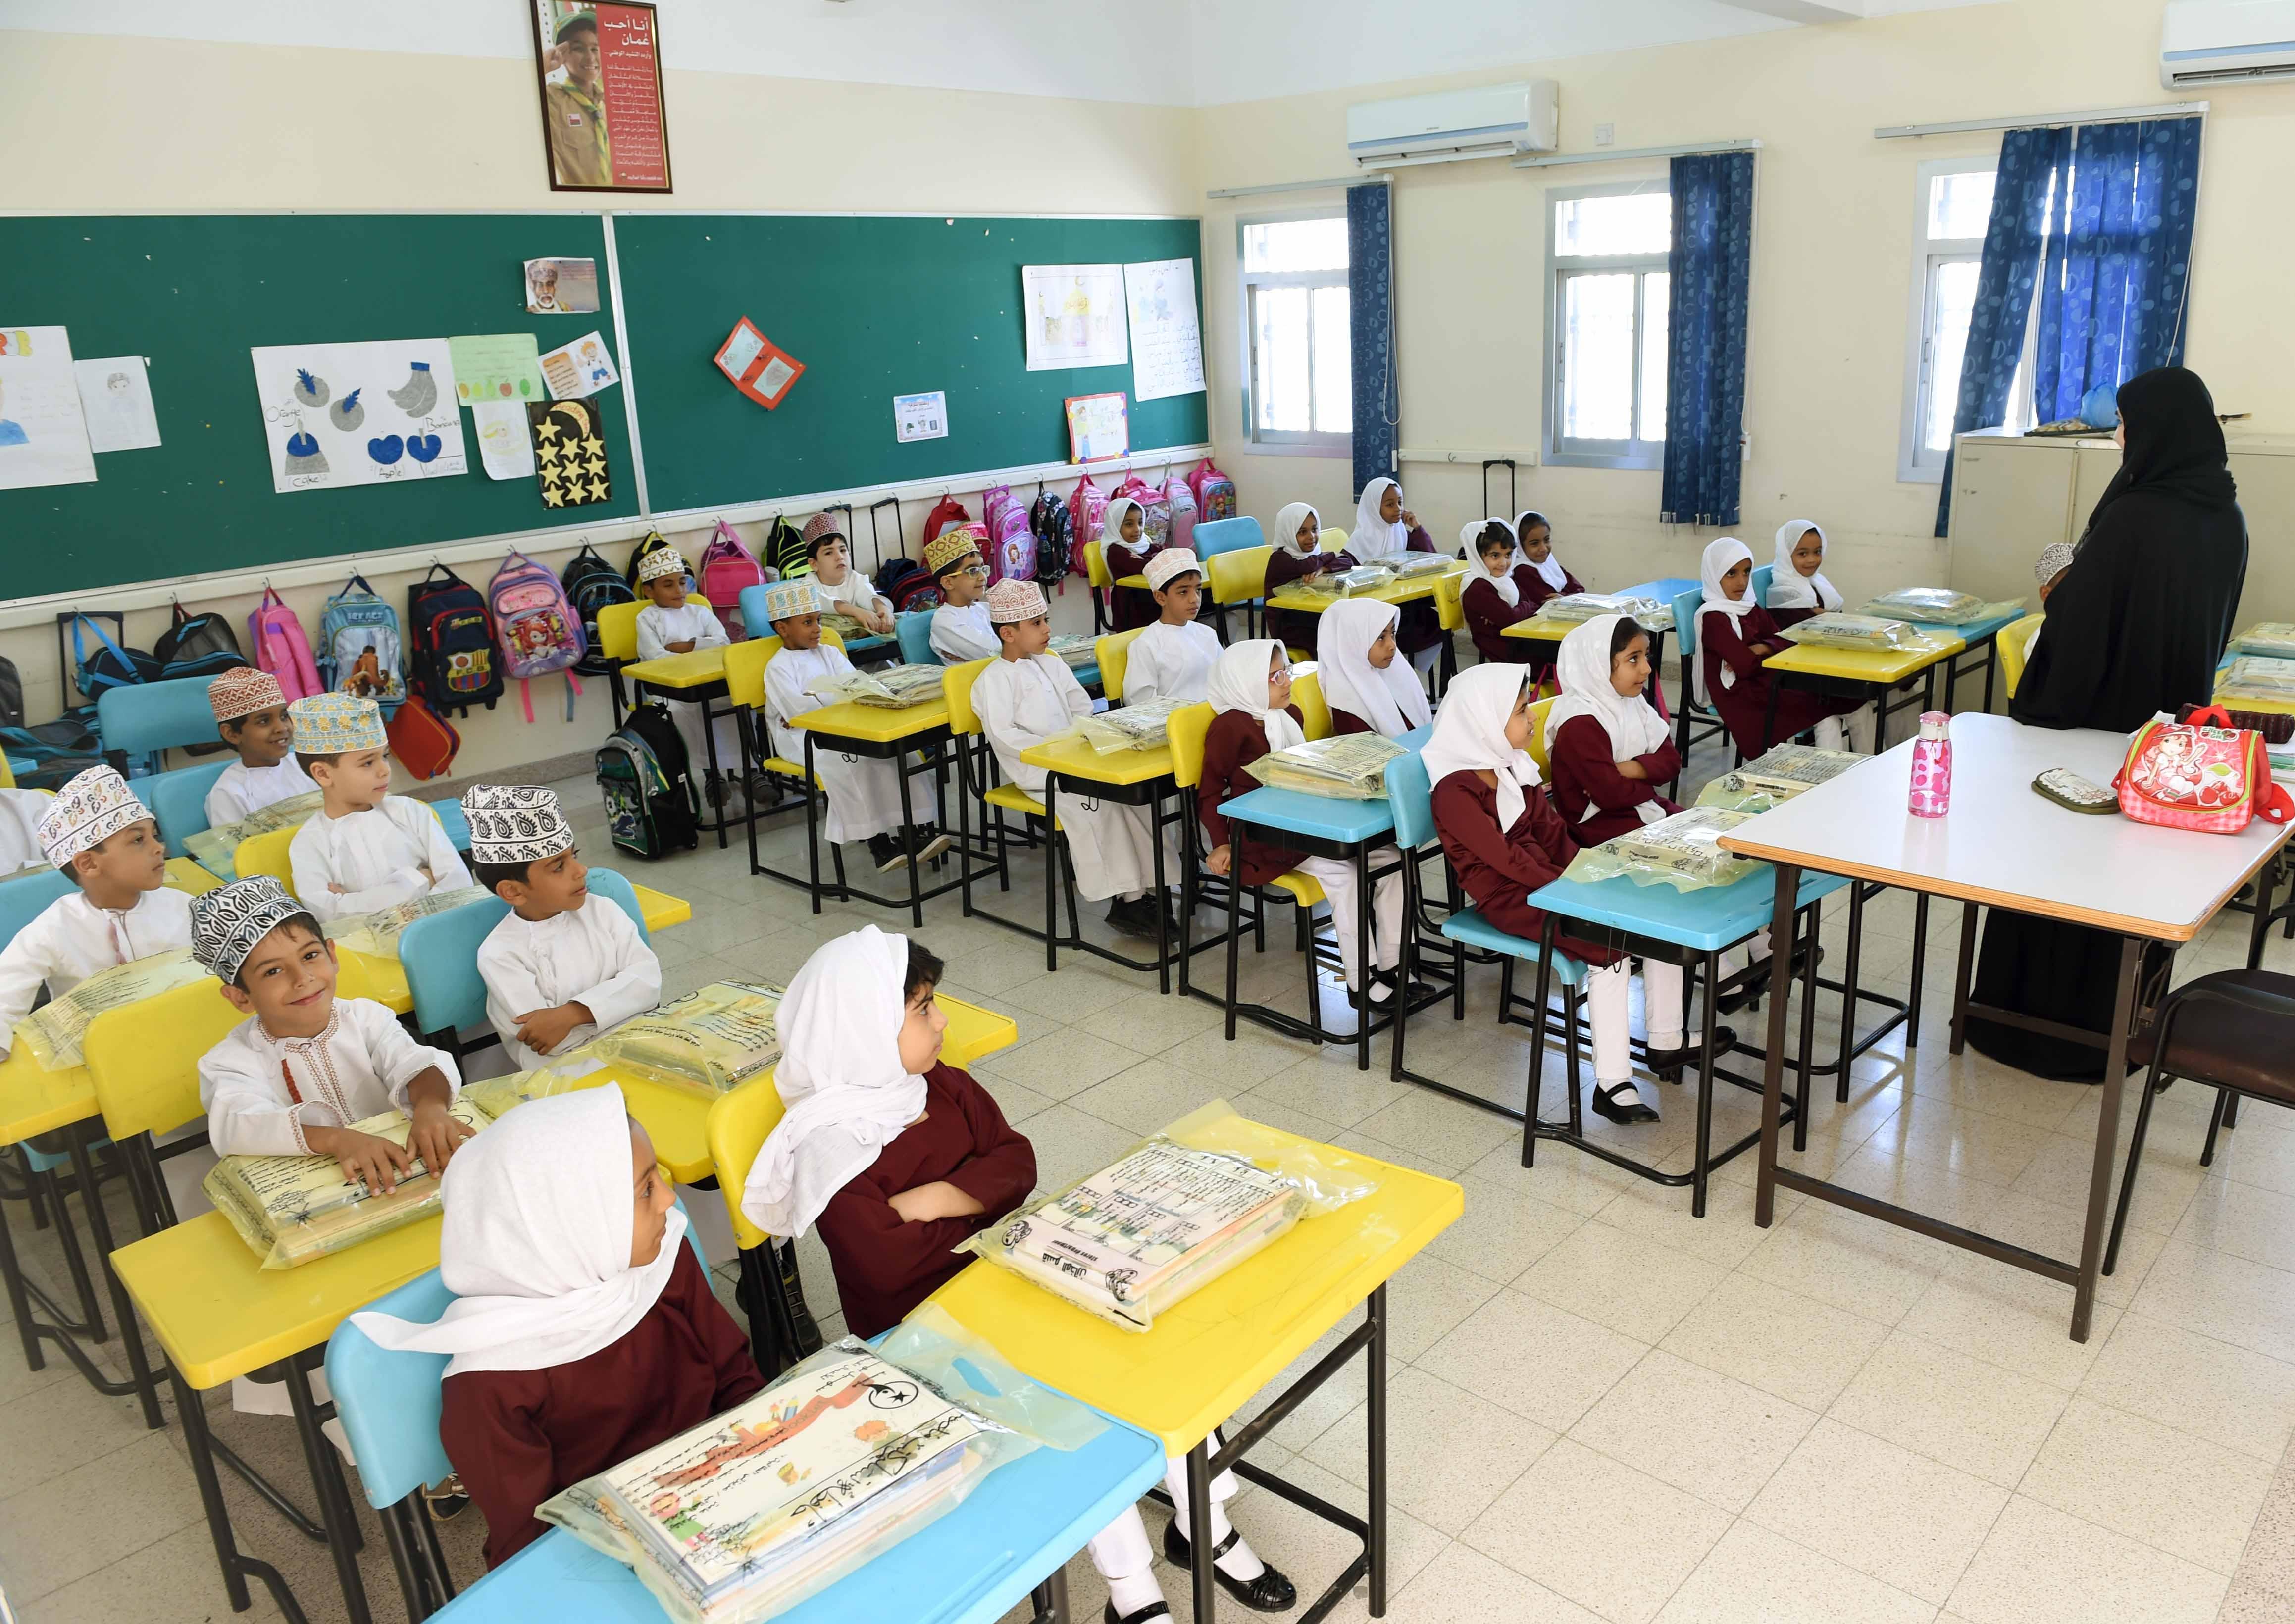 724,395 students in Oman schools